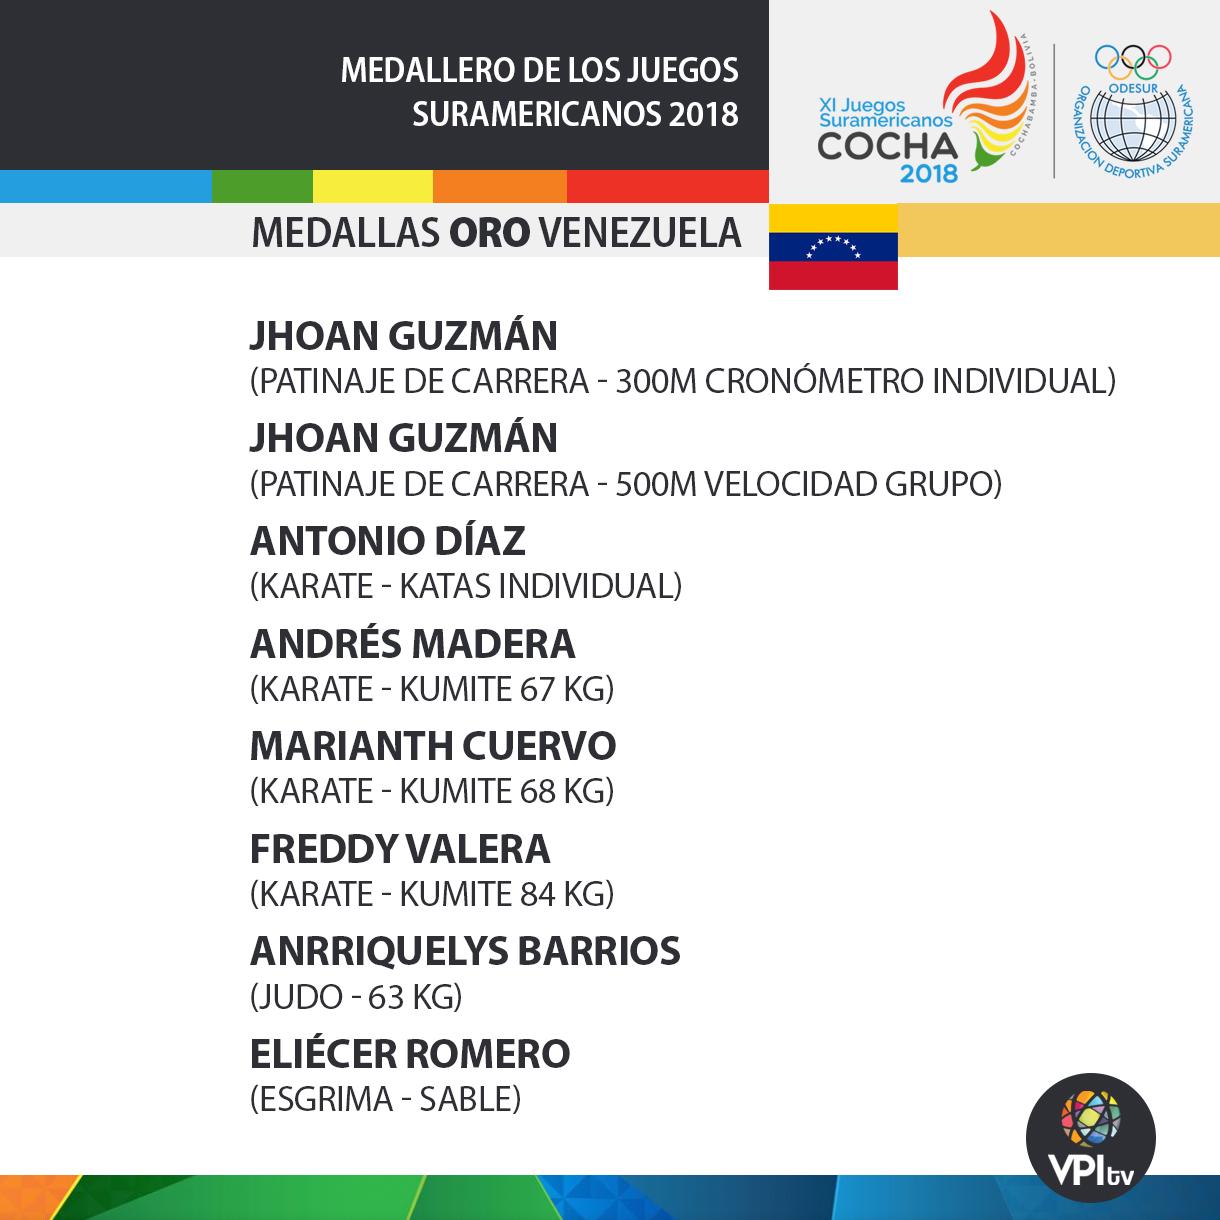 JUEGOS_suramericanos2